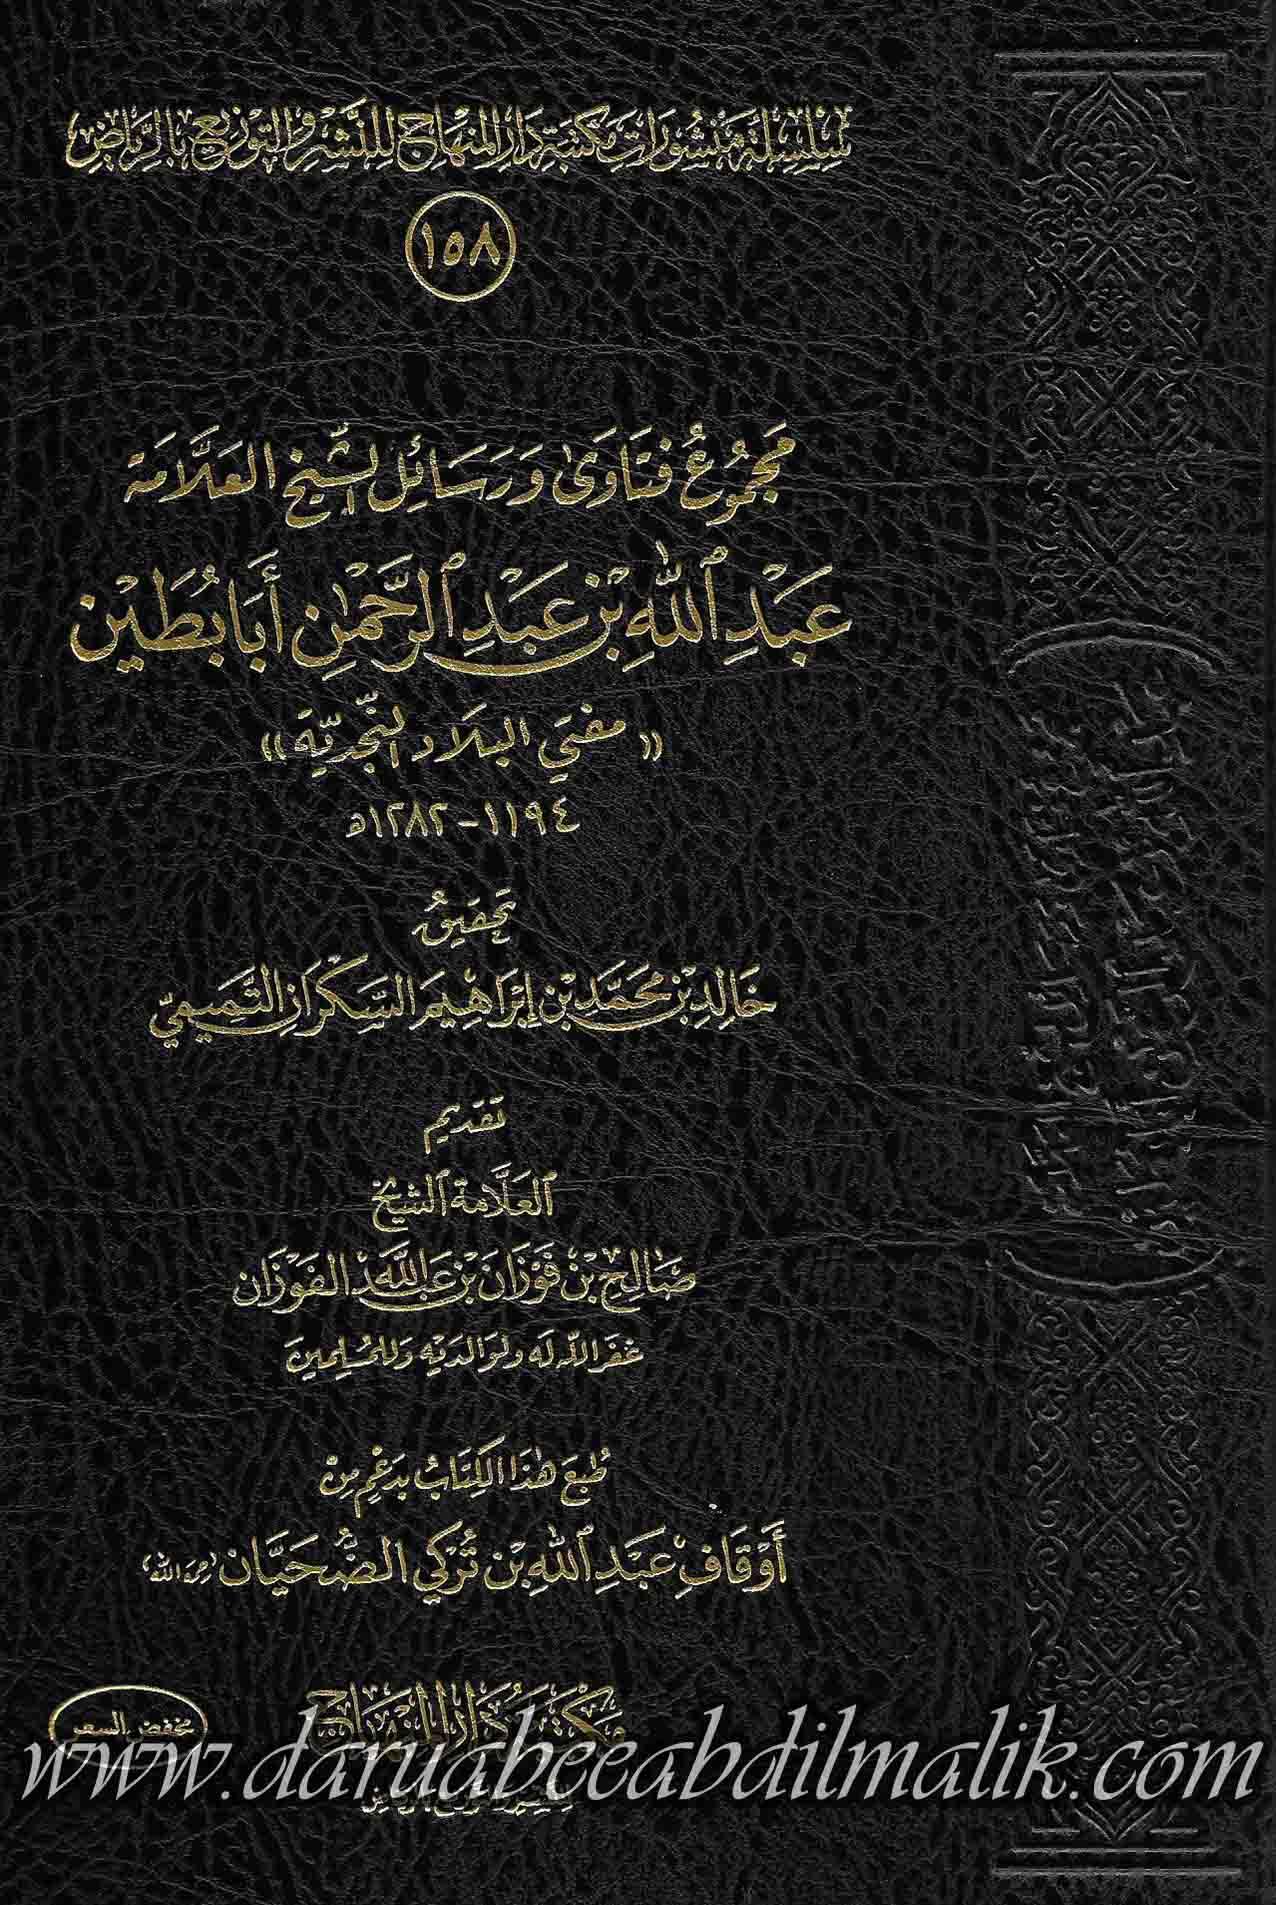 مجموع فتاوى ورسائل الشيخ العلامة عب